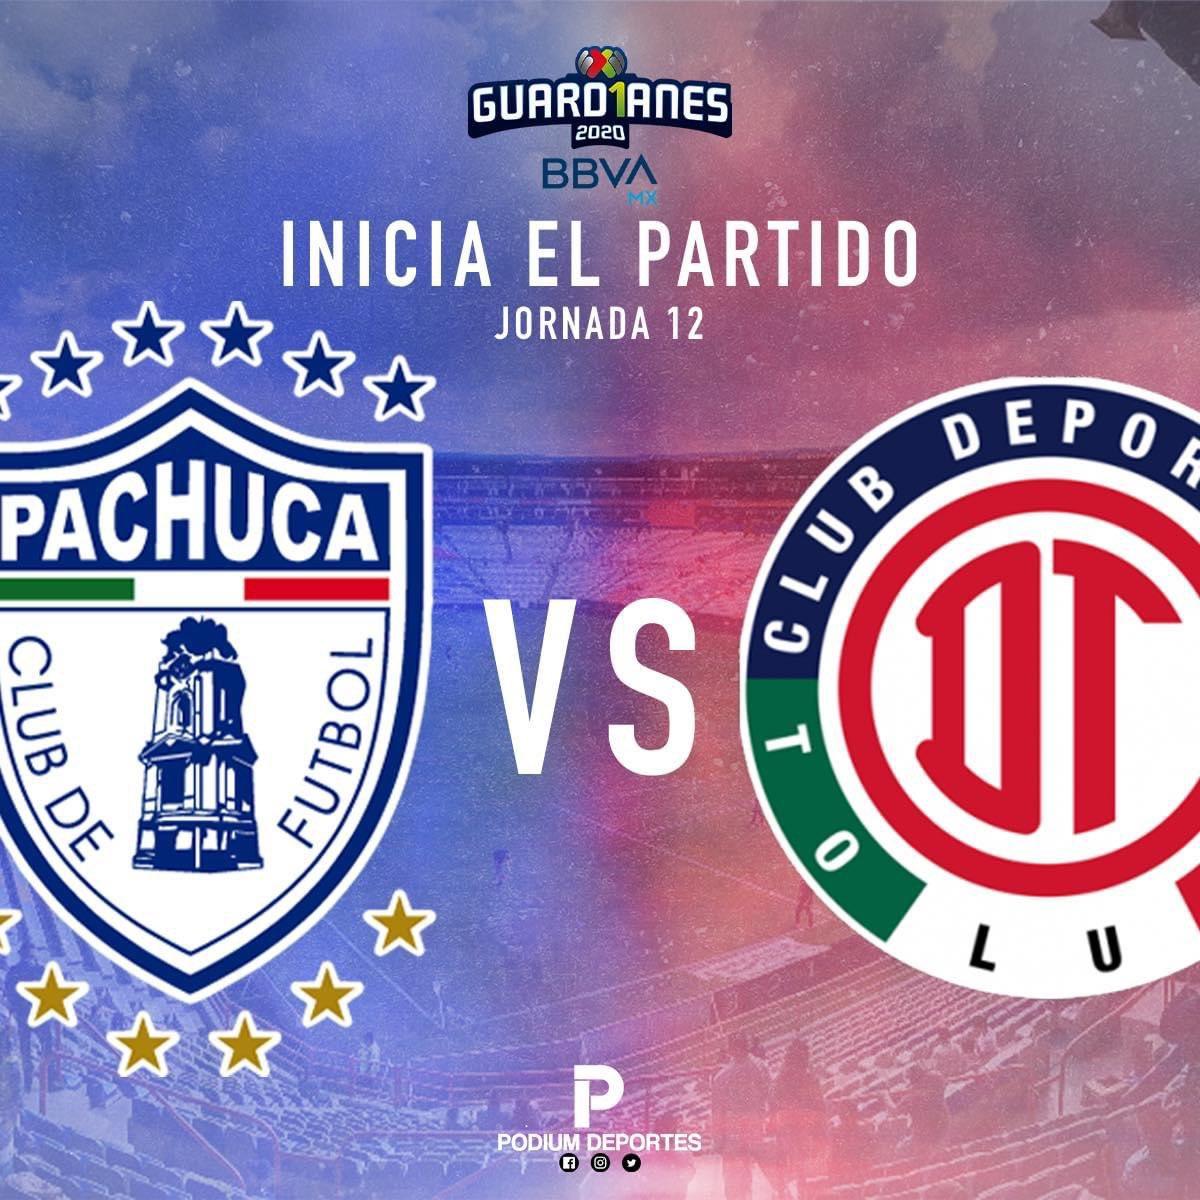 #LigaBBVAMx   Rueda el balón en el Huracán 🌪    #Pachuca 🐹 🆚  #Toluca 👹  #Jornada12 #Guard1anes2020  #TuCasaTuCancha https://t.co/iCuF6R3ICM